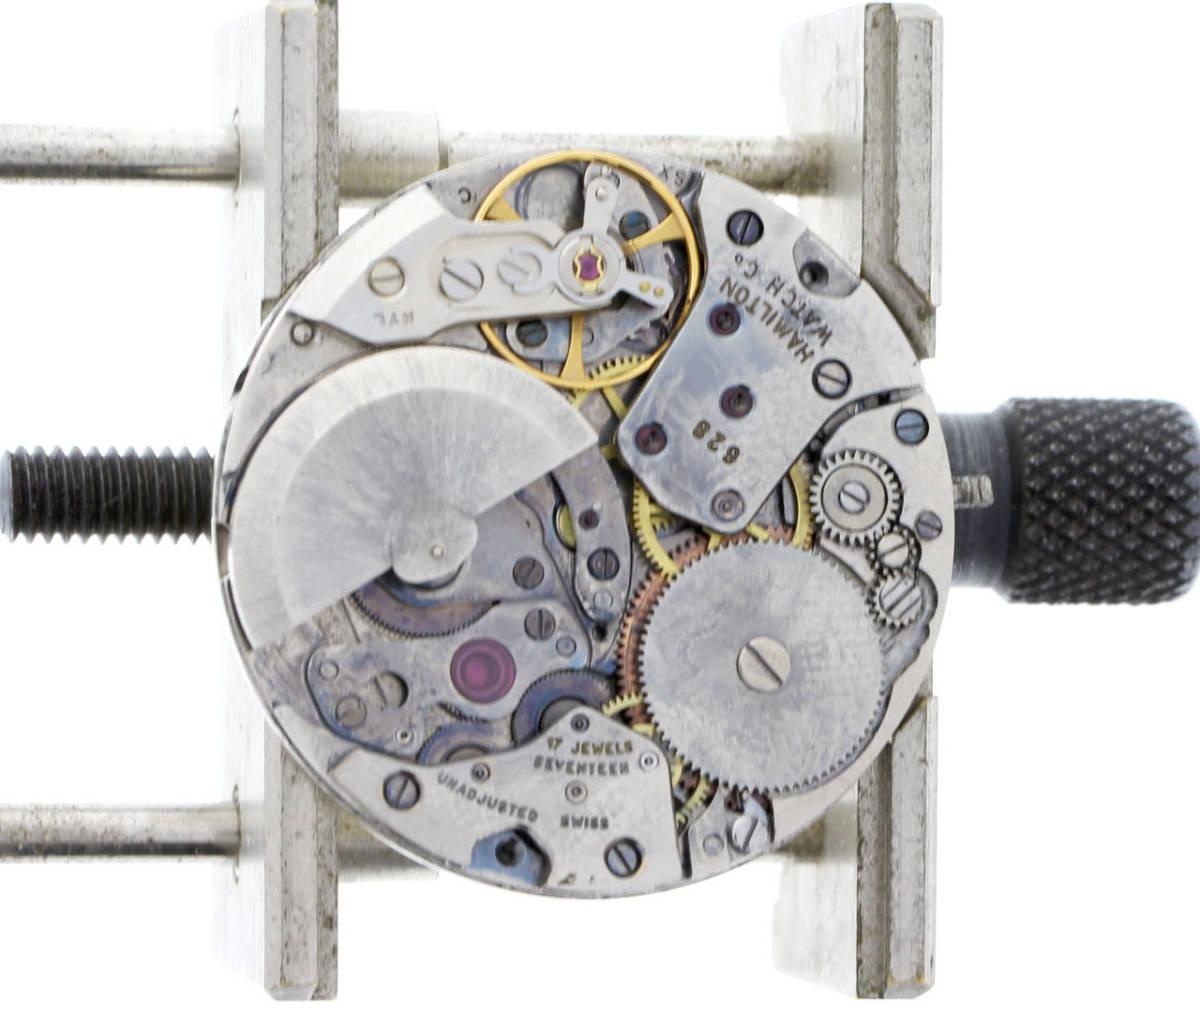 値下げ交渉あり!ヴィンテージ1970年製HAMILTON Thin-o-maticハミルトン シンオーマティックCai.628マイクロローター自動巻ウォッチ_画像8